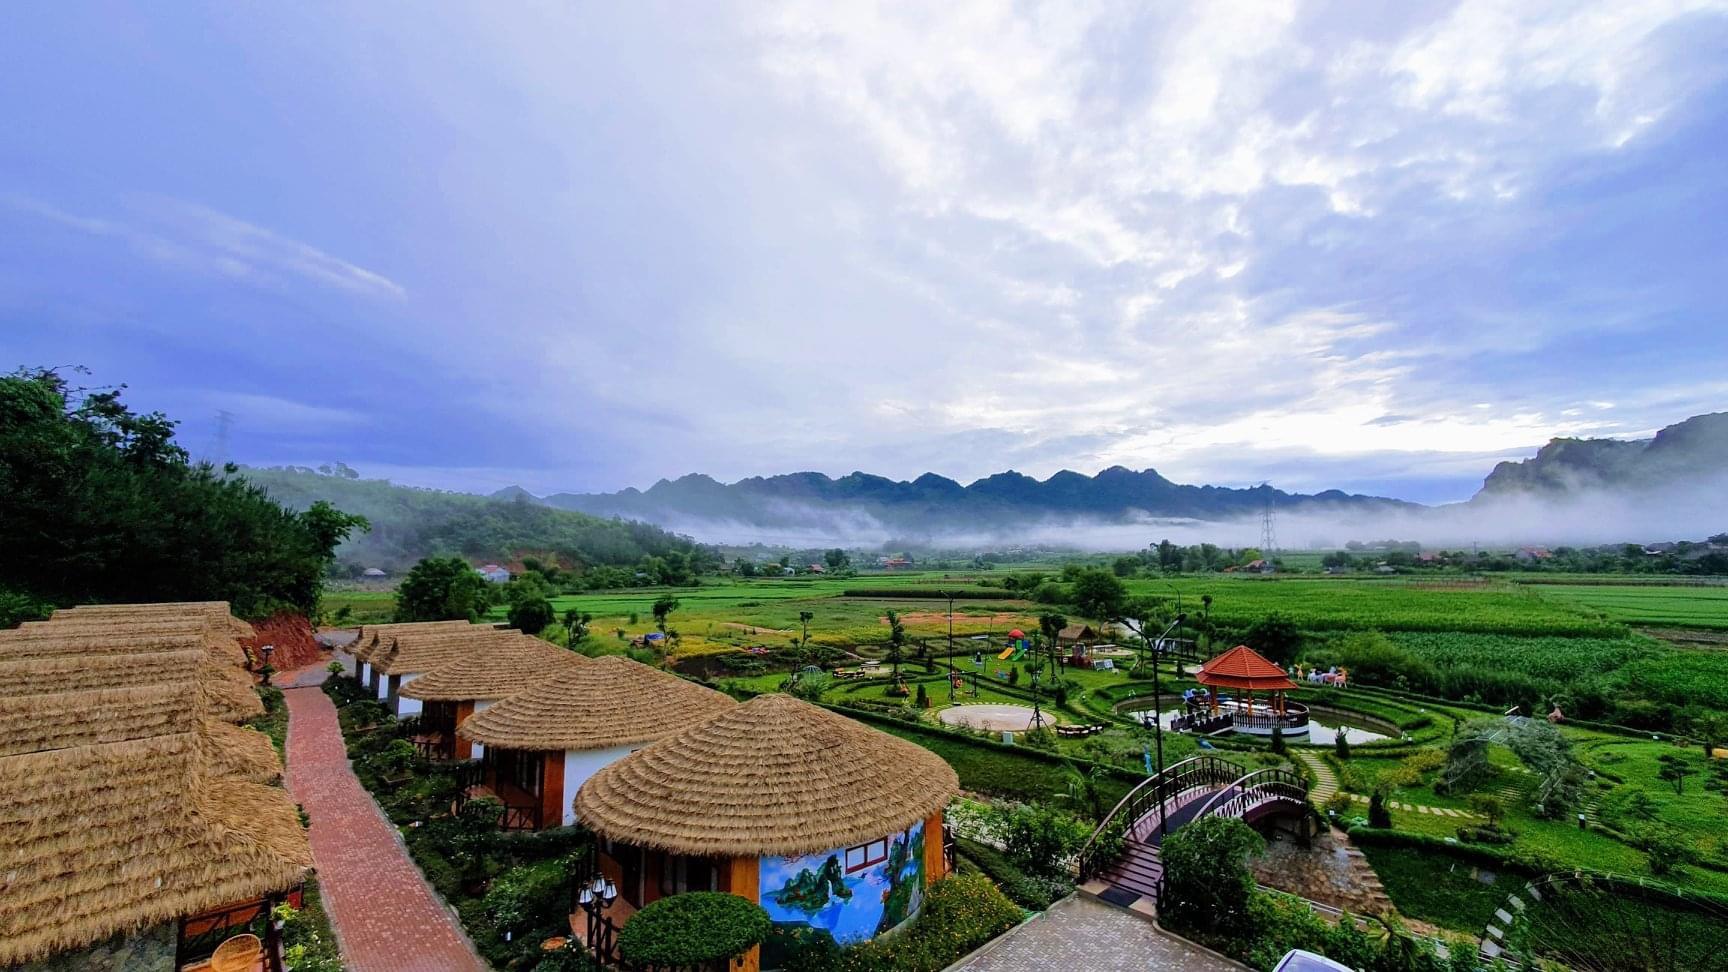 Sơn La: Hướng đi nào cho đề án phát triển du lịch huyện Mộc Châu đến năm 2025 và tầm nhìn đến năm 2030 - Ảnh 3